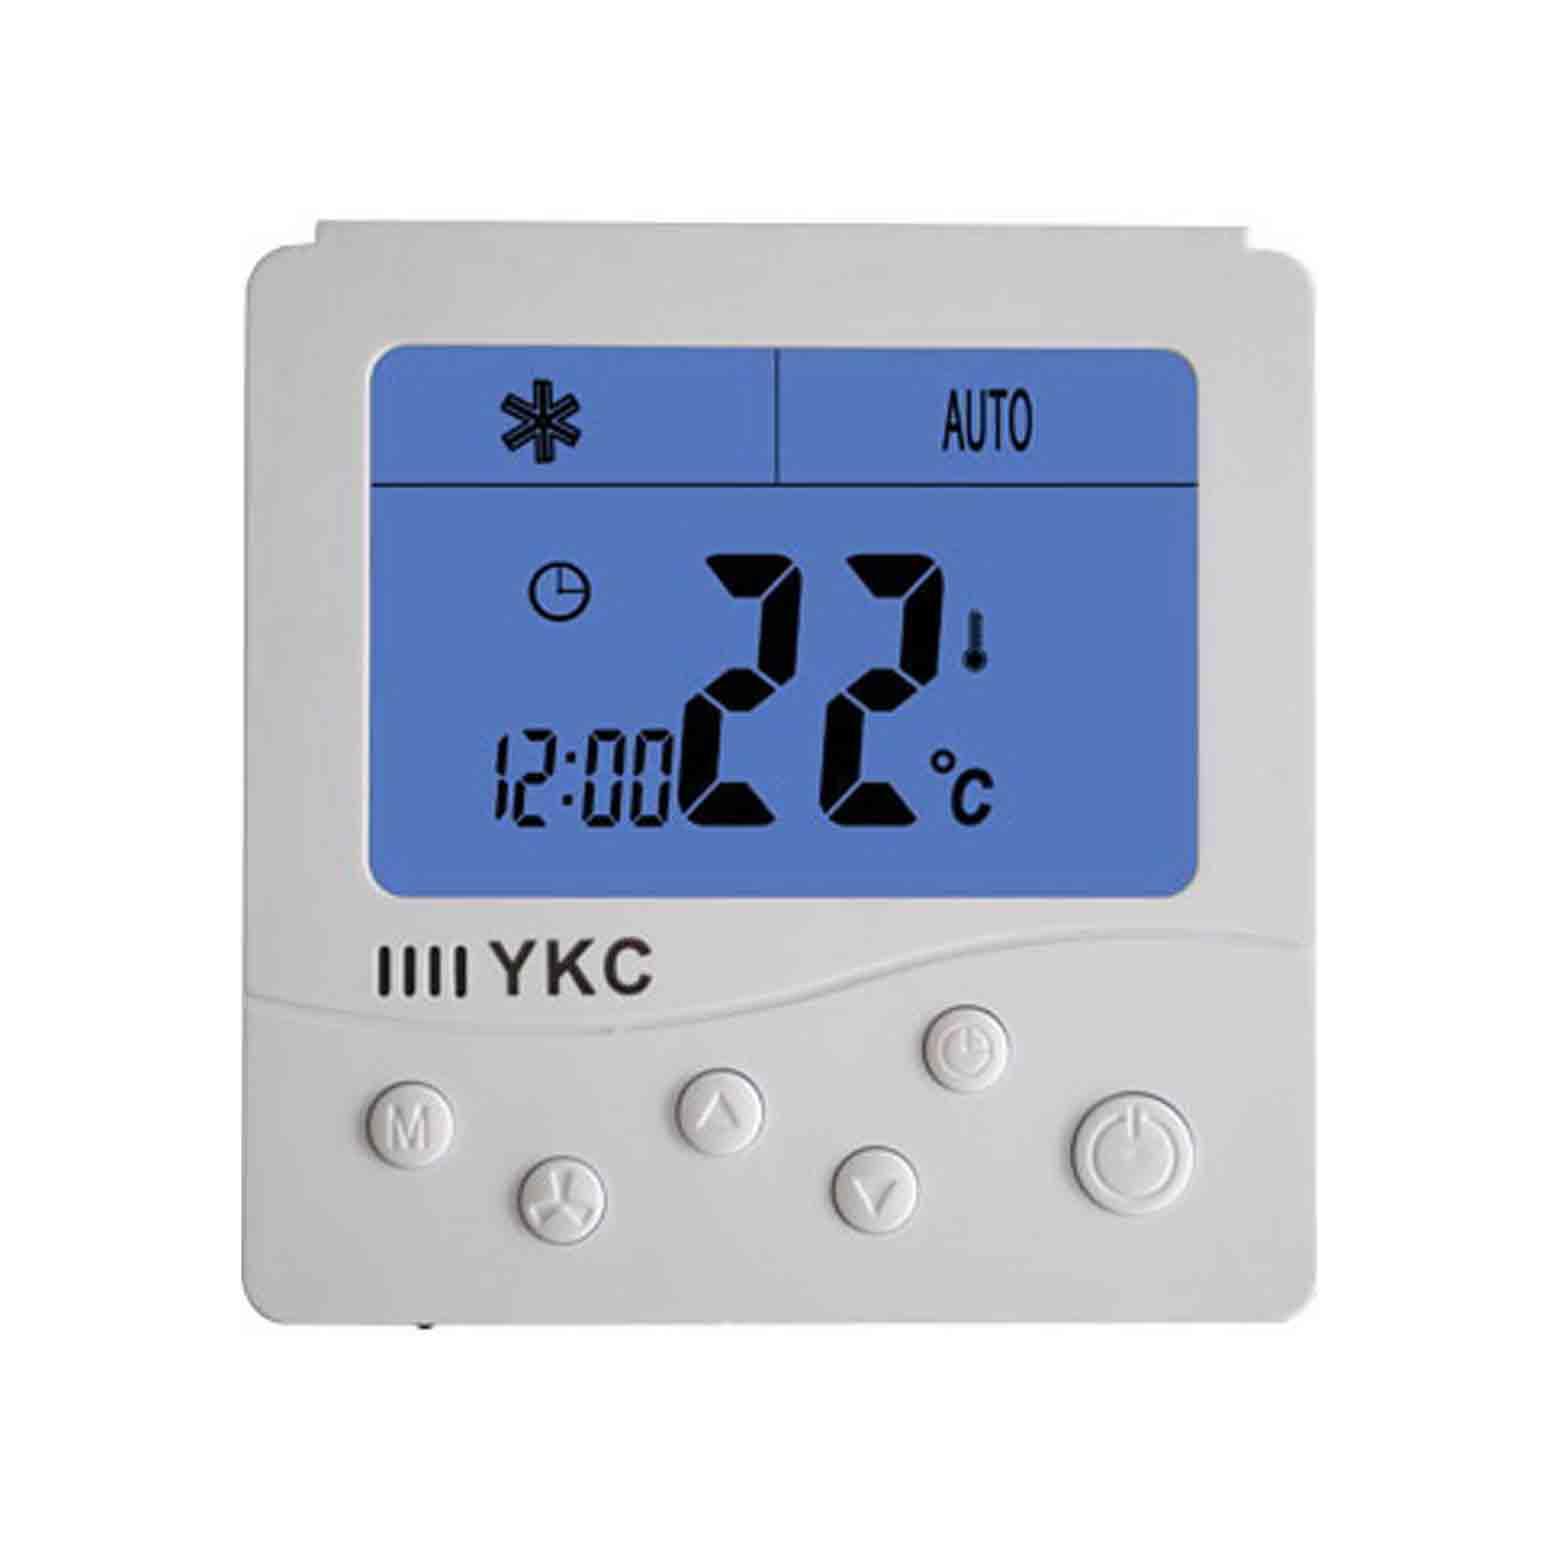 306節能減排環保溫控器可編程四管制溫控器